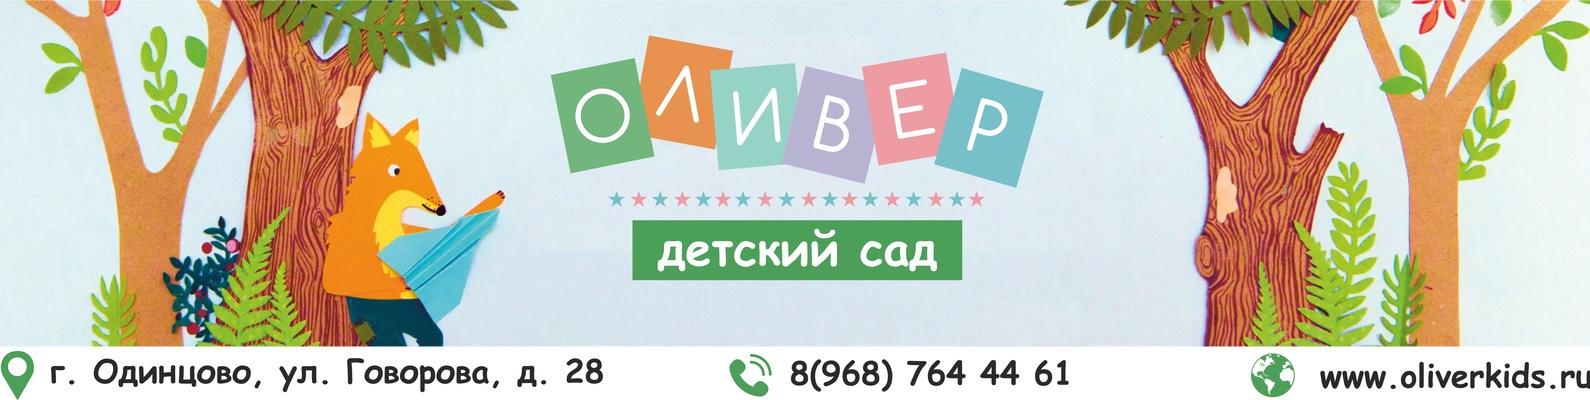 Работа удаленная одинцово белорусская биржа фриланса